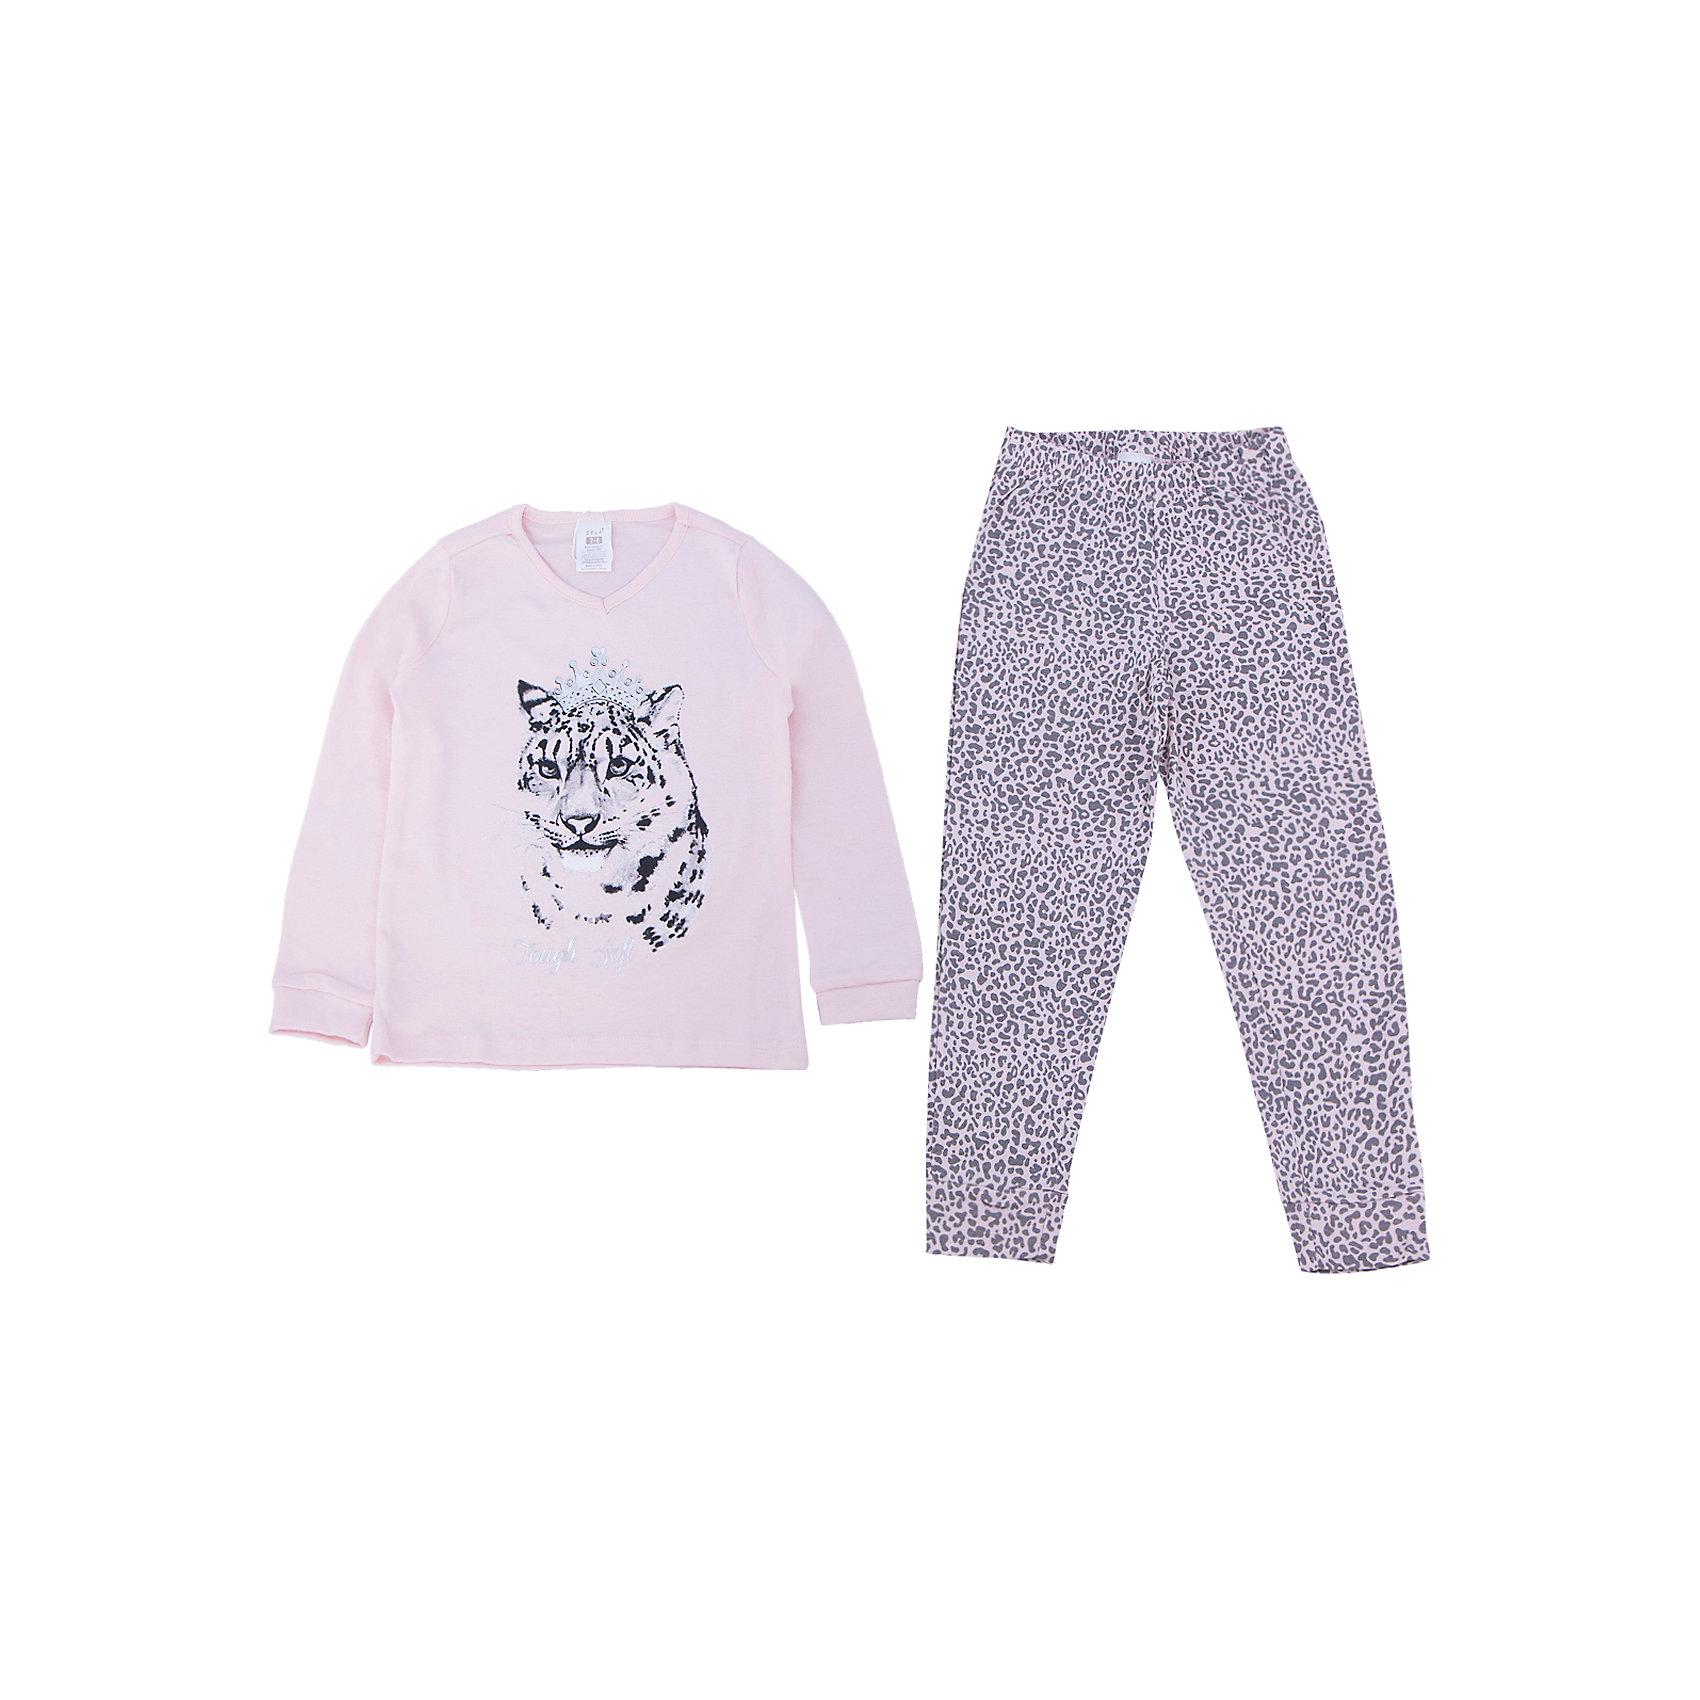 Пижама для девочки SELAУдобная пижама - неотъемлемая составляющая комфортного сна ребенка. Эта модель отлично сидит на девочке, она сшита из приятного на ощупь материала, мягкая и дышащая. Натуральный хлопок в составе ткани не вызывает аллергии и обеспечивает ребенку комфорт. В наборе - футболка с длинным рукавом и штаны, вещи украшены симпатичным принтом.<br>Одежда от бренда Sela (Села) - это качество по приемлемым ценам. Многие российские родители уже оценили преимущества продукции этой компании и всё чаще приобретают одежду и аксессуары Sela.<br><br>Дополнительная информация:<br><br>цвет: разноцветный;<br>материал: 100% хлопок;<br>принт;<br>трикотаж.<br><br>Пижаму для девочки от бренда Sela можно купить в нашем интернет-магазине.<br><br>Ширина мм: 281<br>Глубина мм: 70<br>Высота мм: 188<br>Вес г: 295<br>Цвет: розовый<br>Возраст от месяцев: 24<br>Возраст до месяцев: 36<br>Пол: Женский<br>Возраст: Детский<br>Размер: 92/98,140/146,128/134,116/122,104/110<br>SKU: 4919386